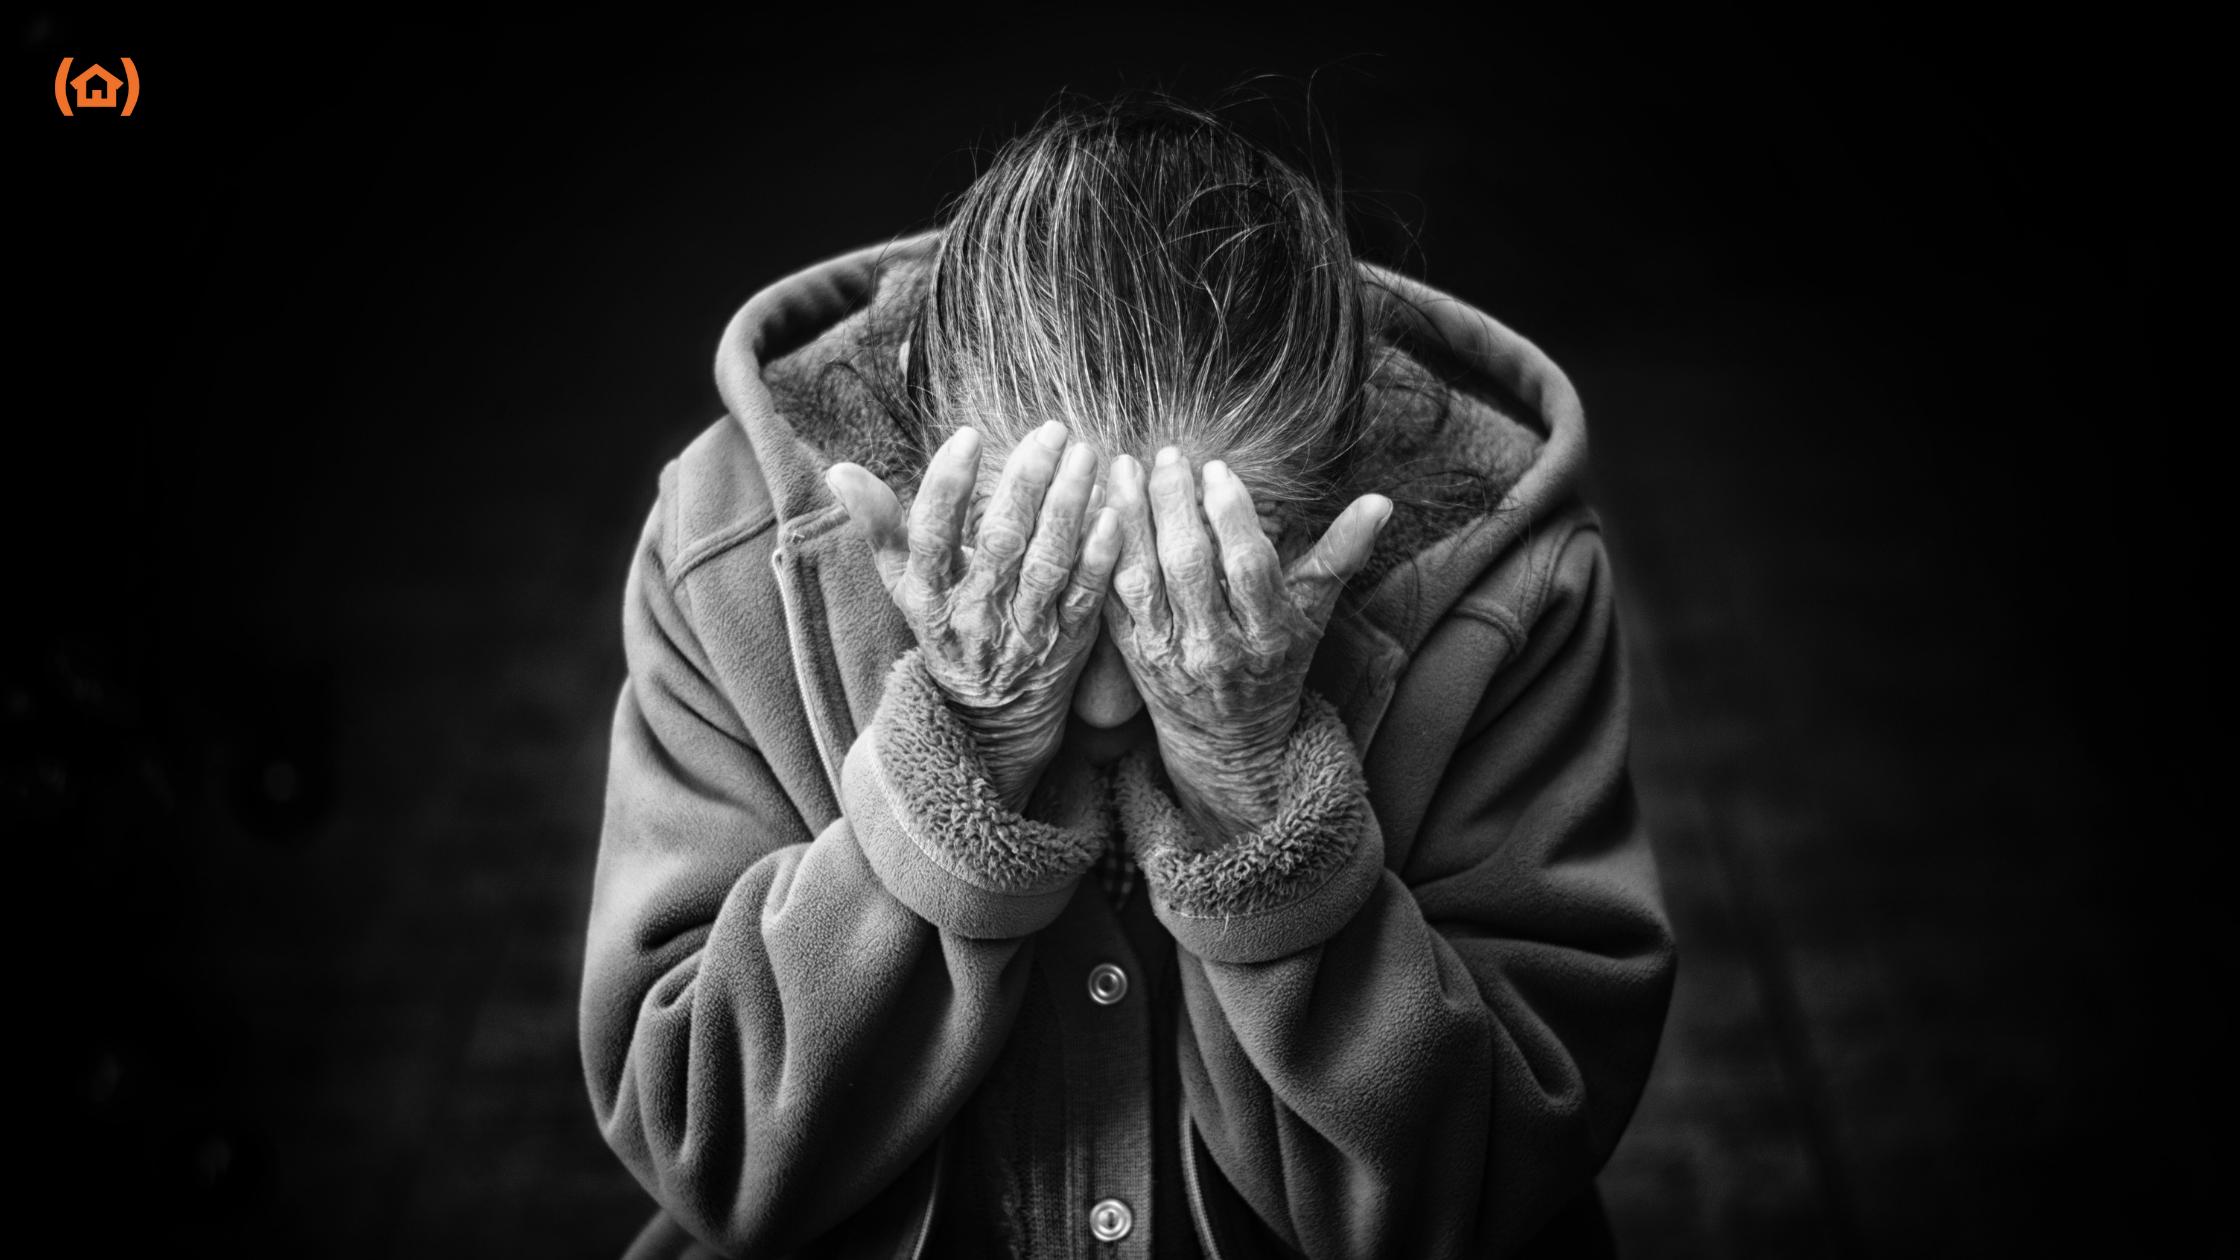 El alzhéimer es un tipo de enfermedad neurodegenerativa que provoca un progresivo deterioro de las funciones cerebrales y conlleva una pérdida de la memoria.